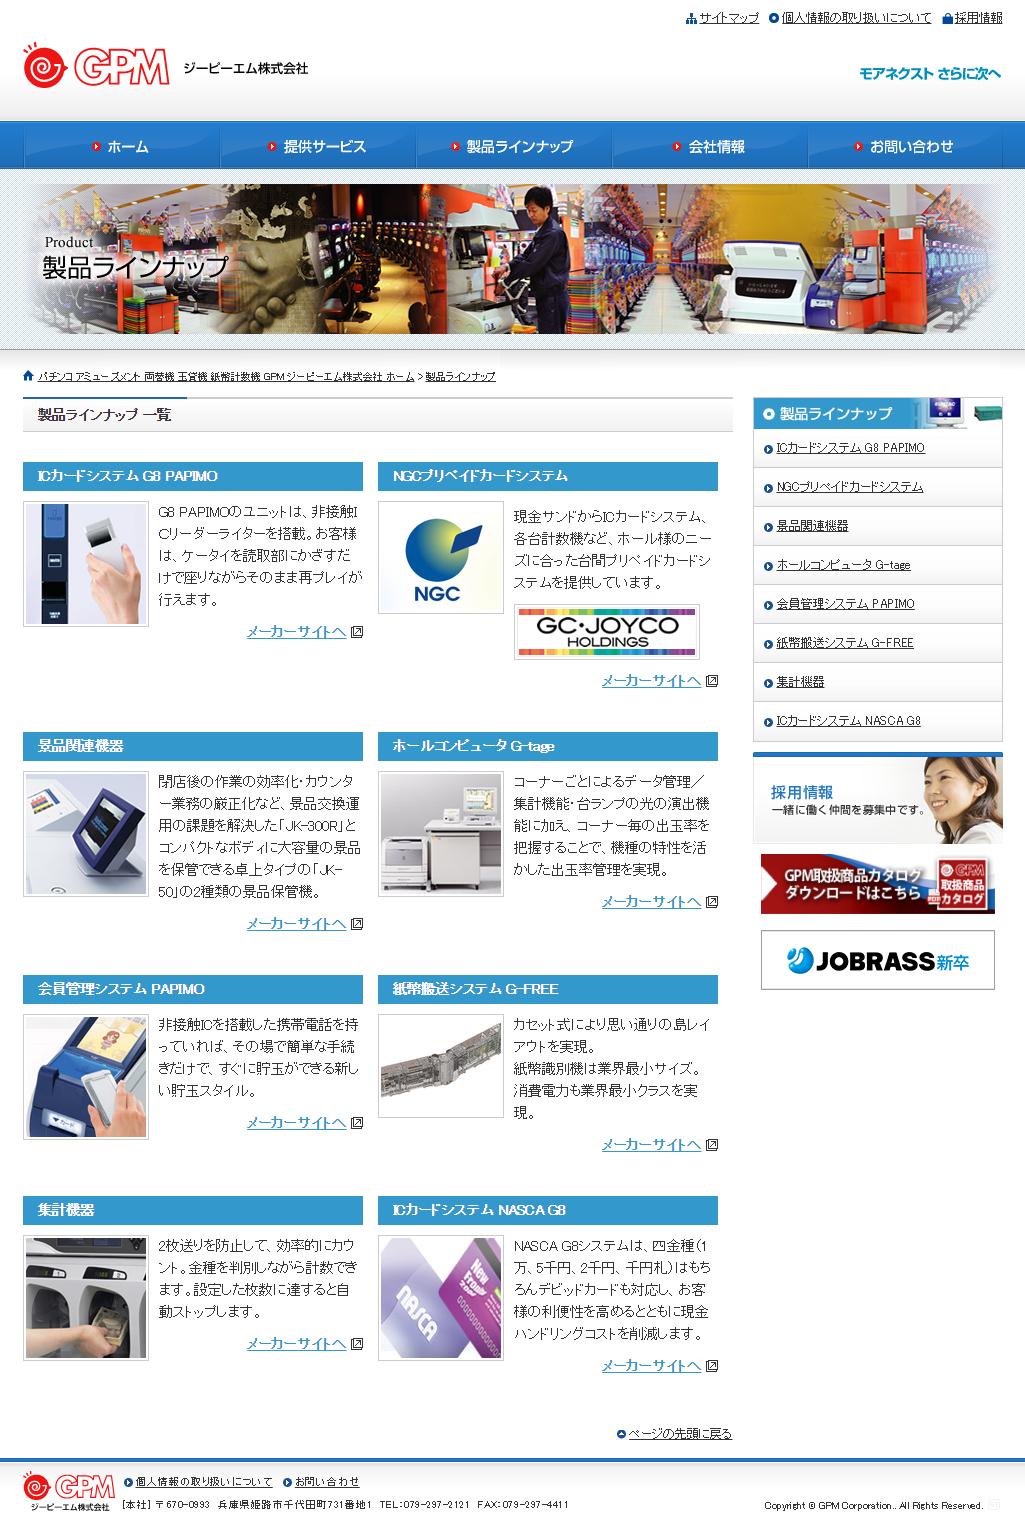 姫路市 GPM株式会社様 ホームページ制作2